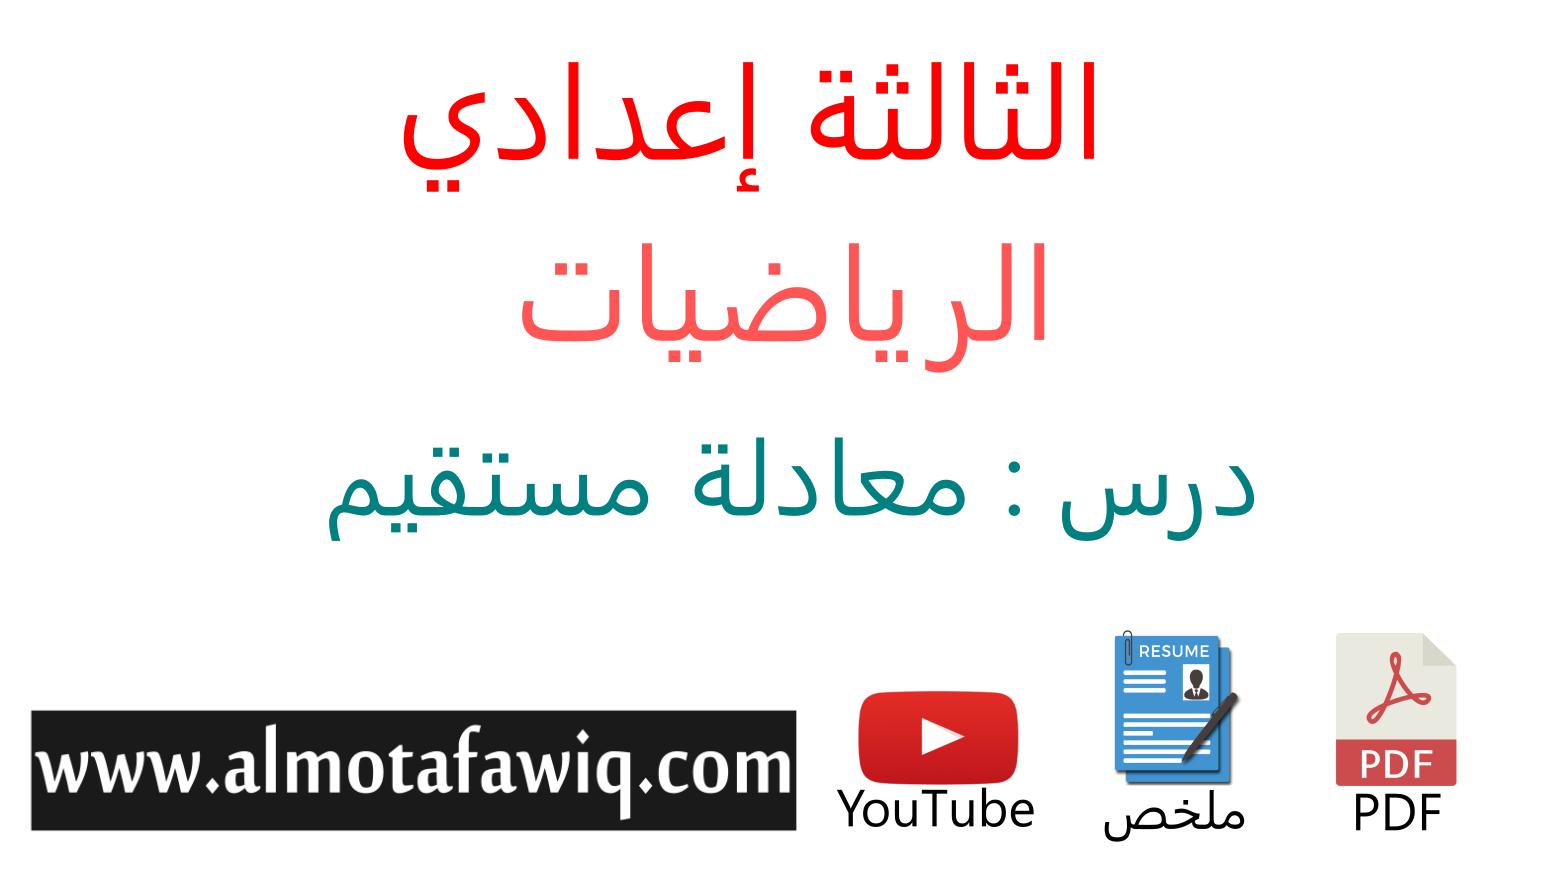 درس معادلة مستقيم للسنة الثالثة إعدادي ( PDF + فيديو + تلخيص)